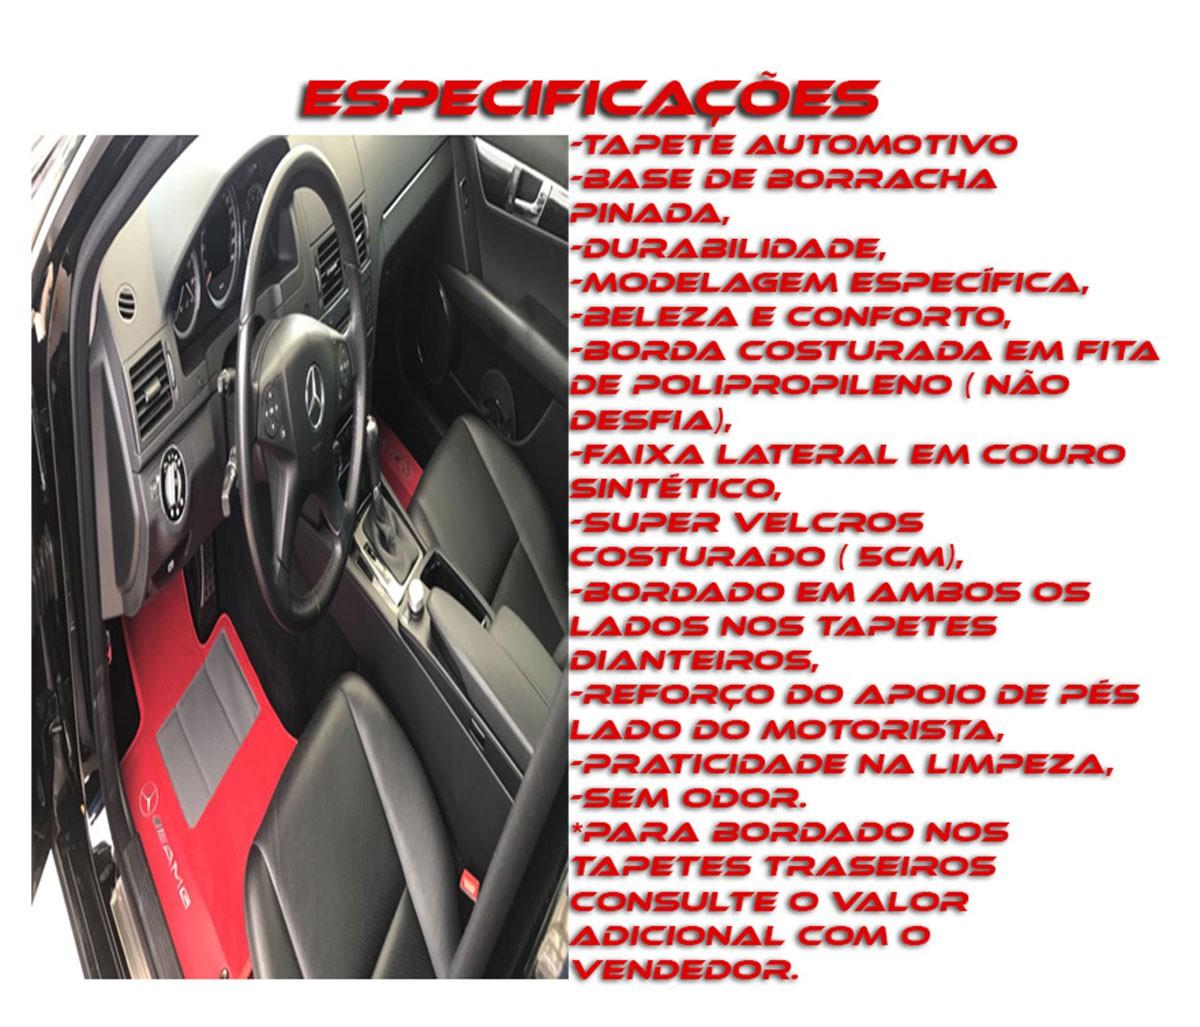 Tapete Bmw 323 325 328 120 M3 X1 Carpete  Luxo  Base Pinada